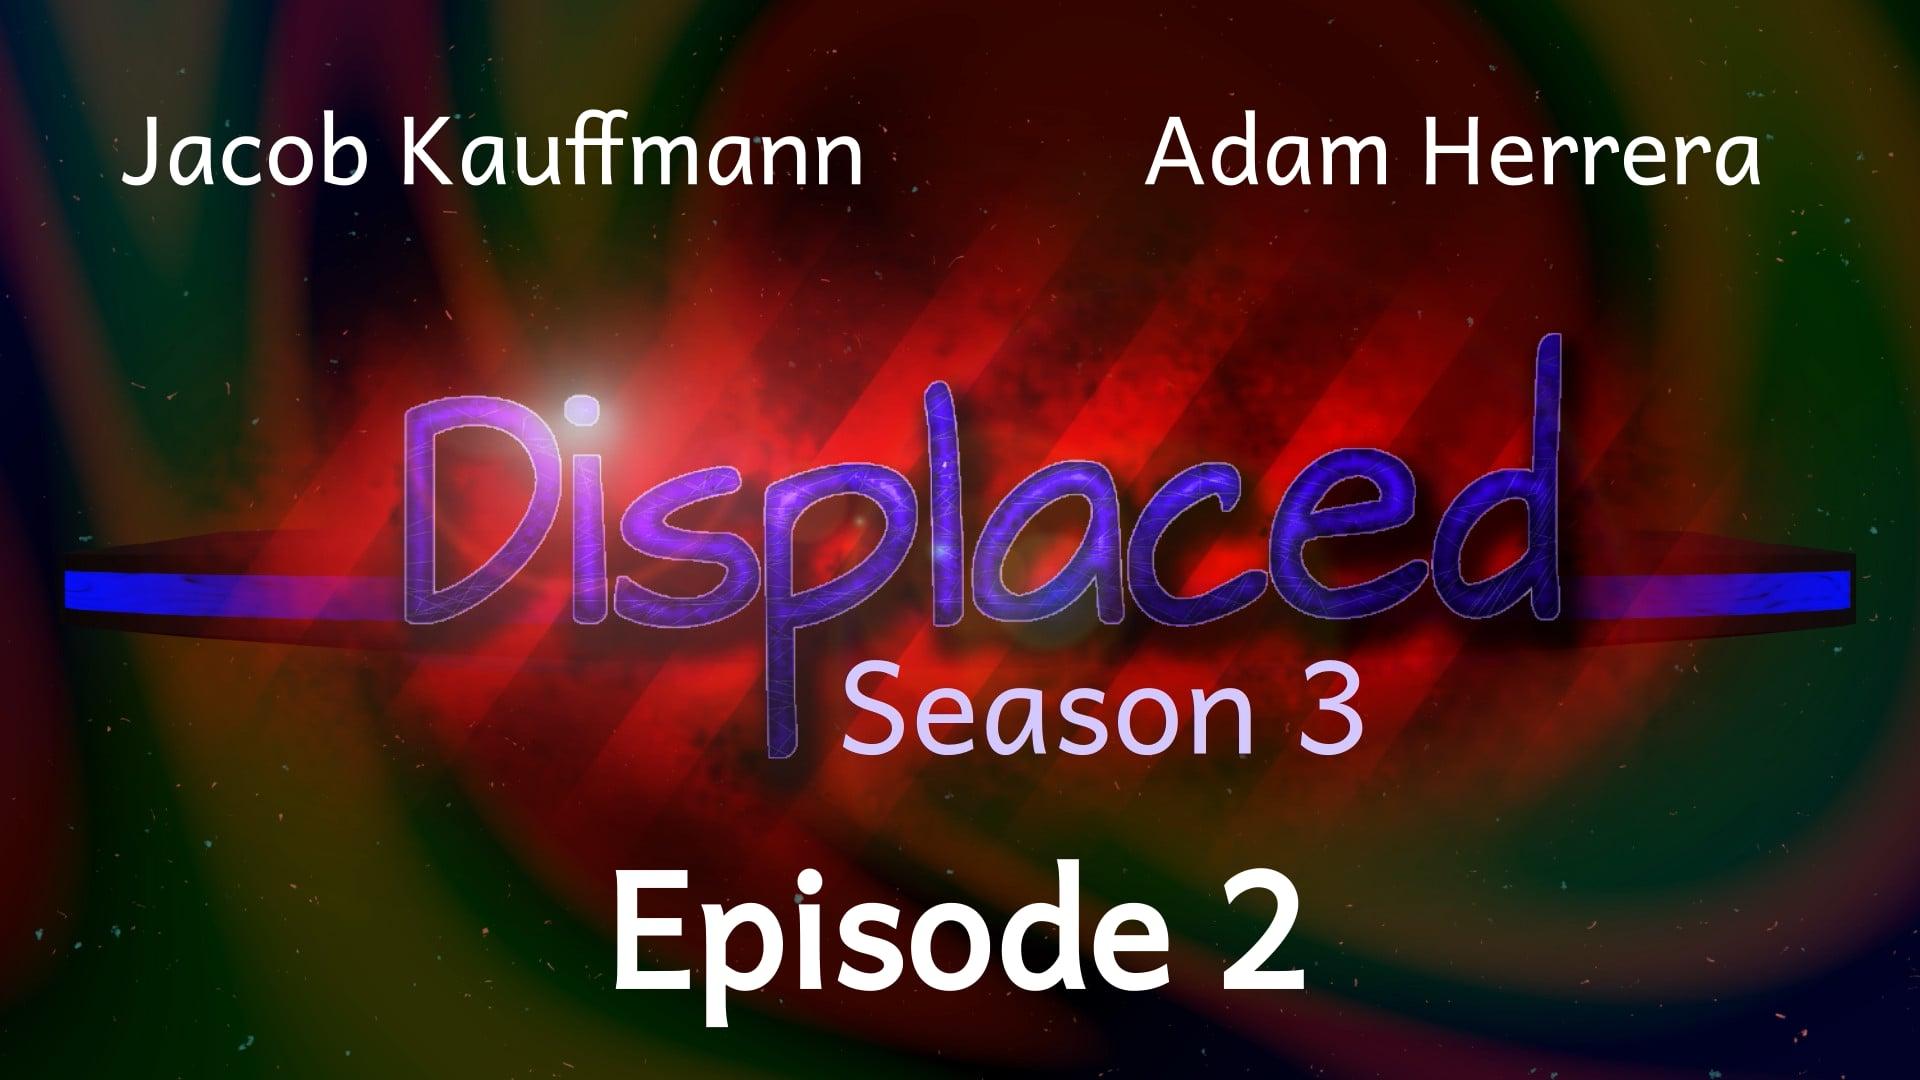 Episode 2 - Displaced (Season 3)